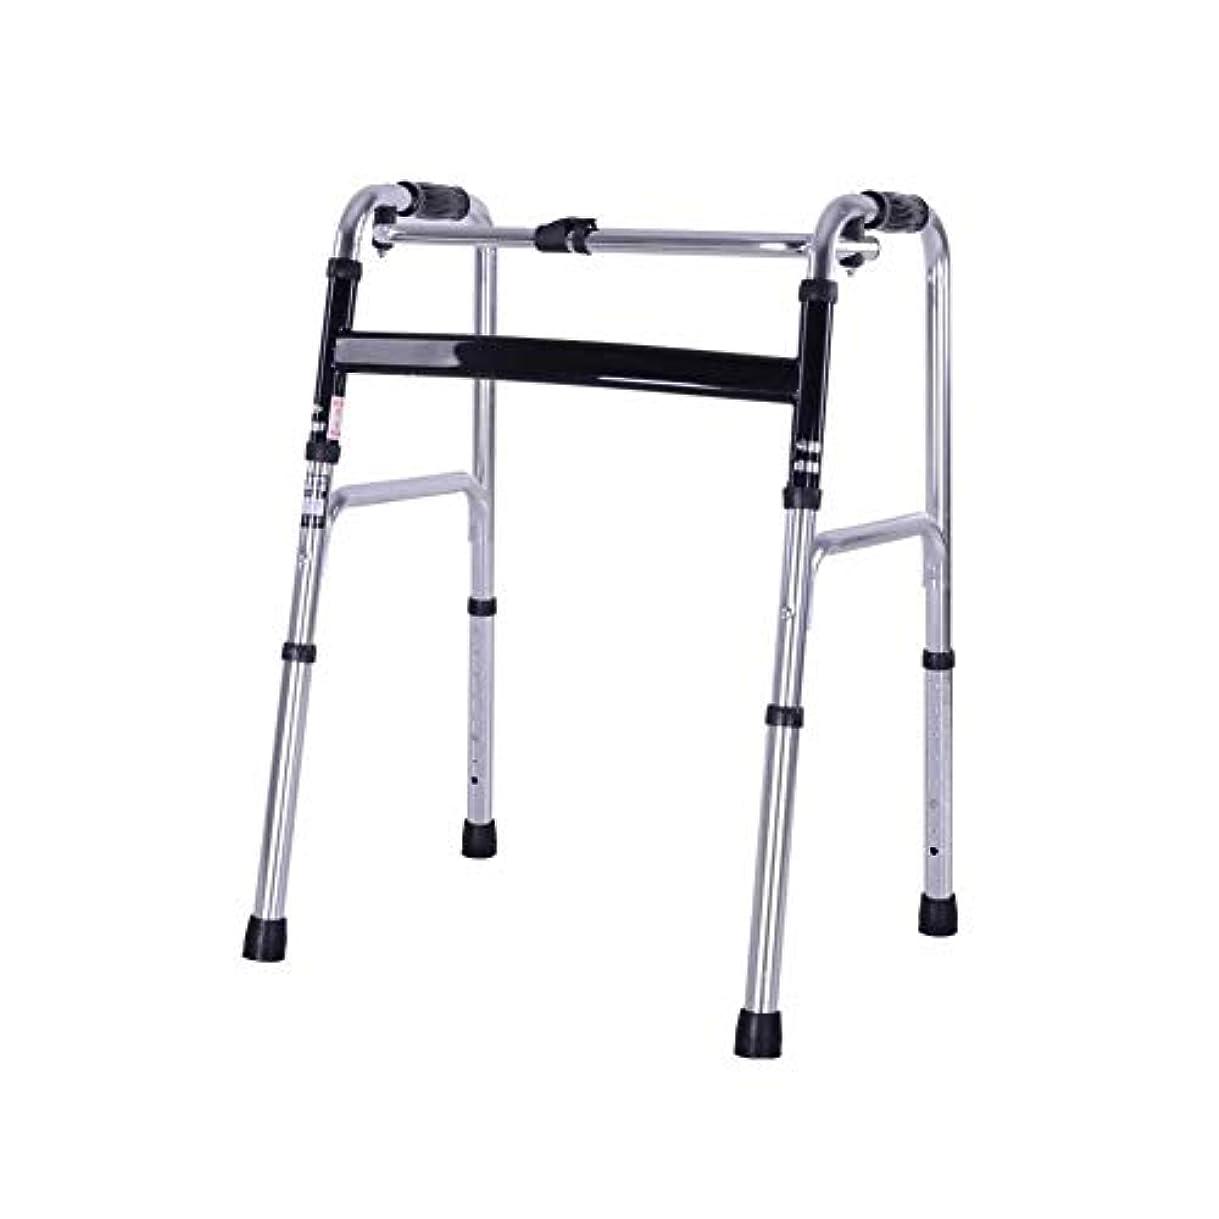 歯科医アッティカス博覧会高齢者のための折りたたみ式軽量アルミニウム高さ調節可能な歩行フレームの移動補助具